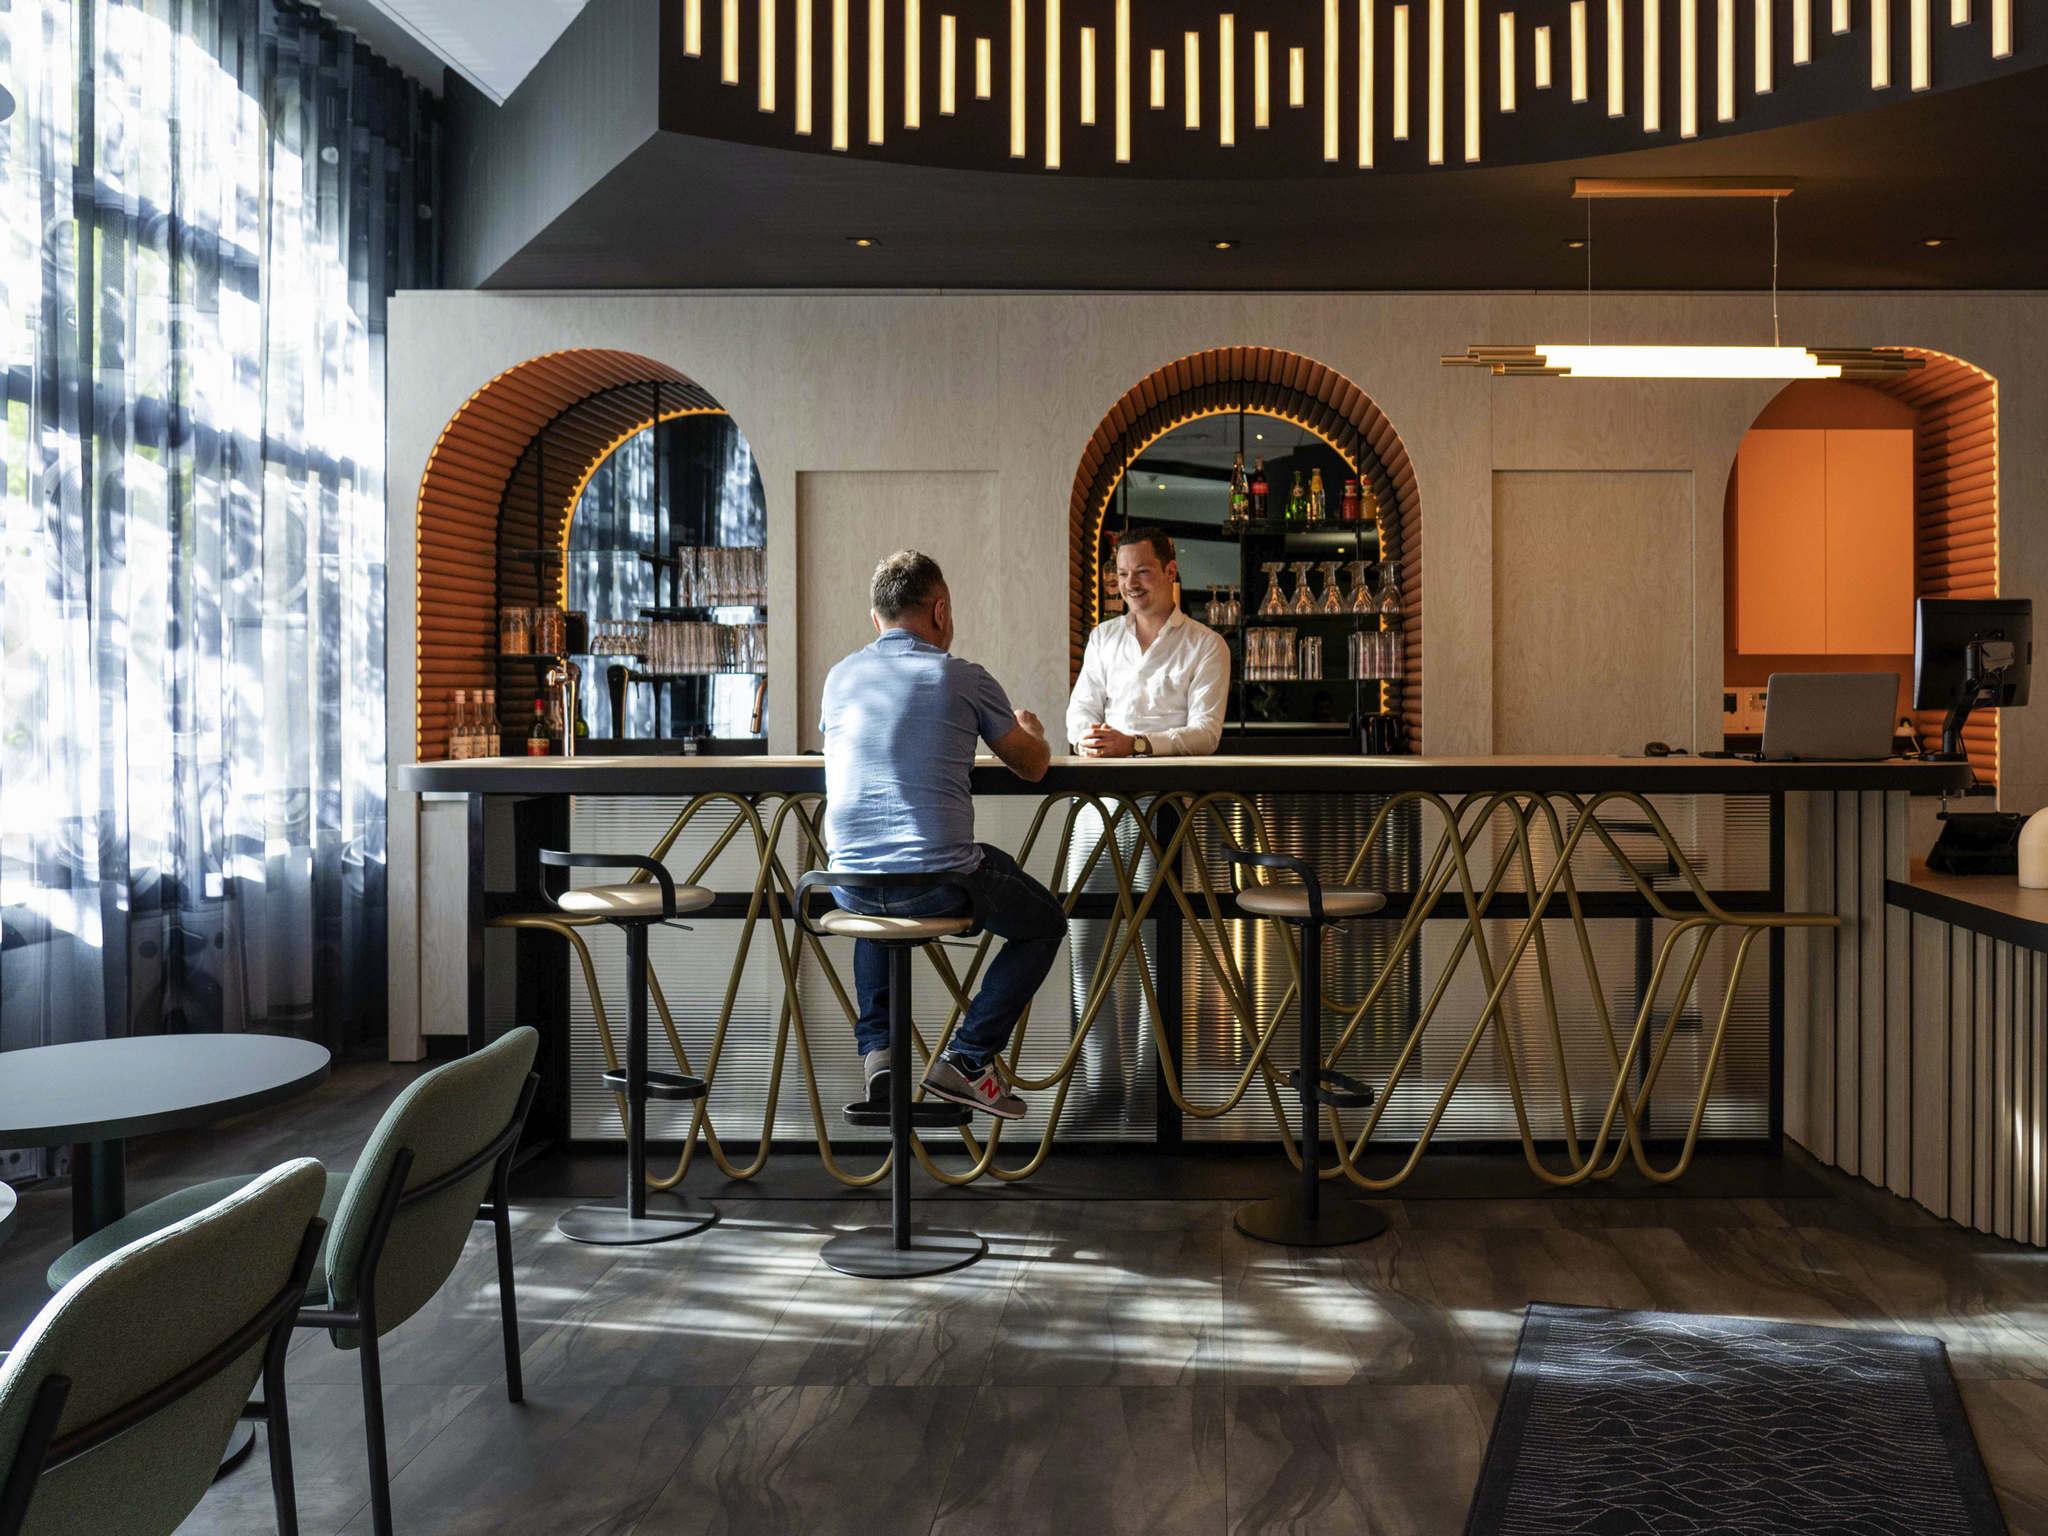 酒店 – 宜必思巴黎凡尔赛门玛瑞德伊西酒店